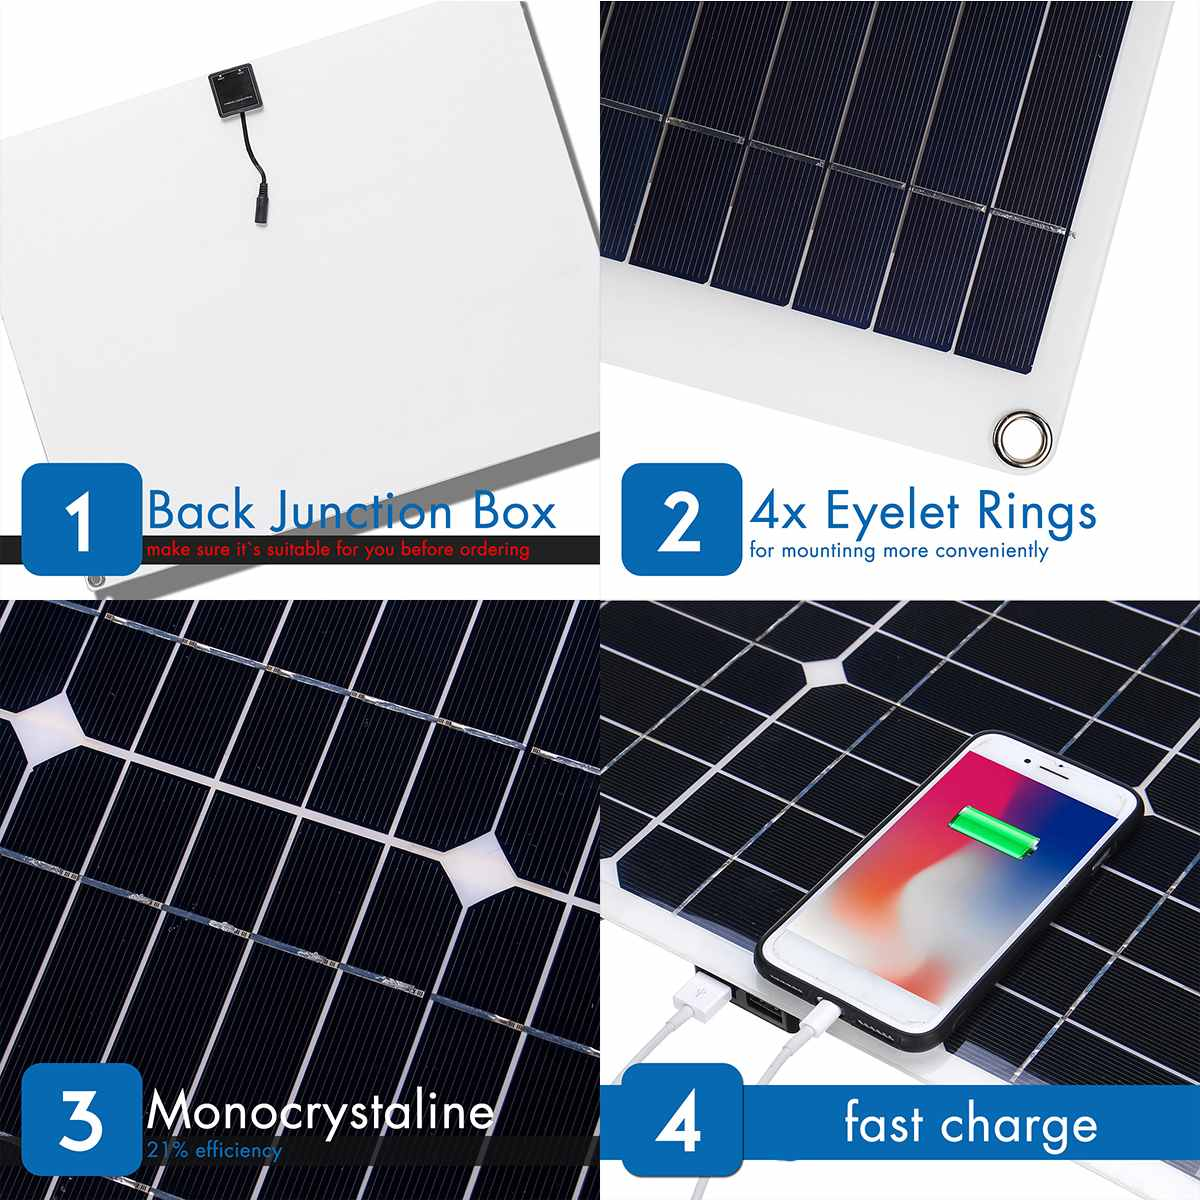 Nouveau silicium monocristallin Flexible du panneau solaire 18V 5V de 200W avec le contrôleur 10/20/30A pour la batterie solaire extérieure - 4